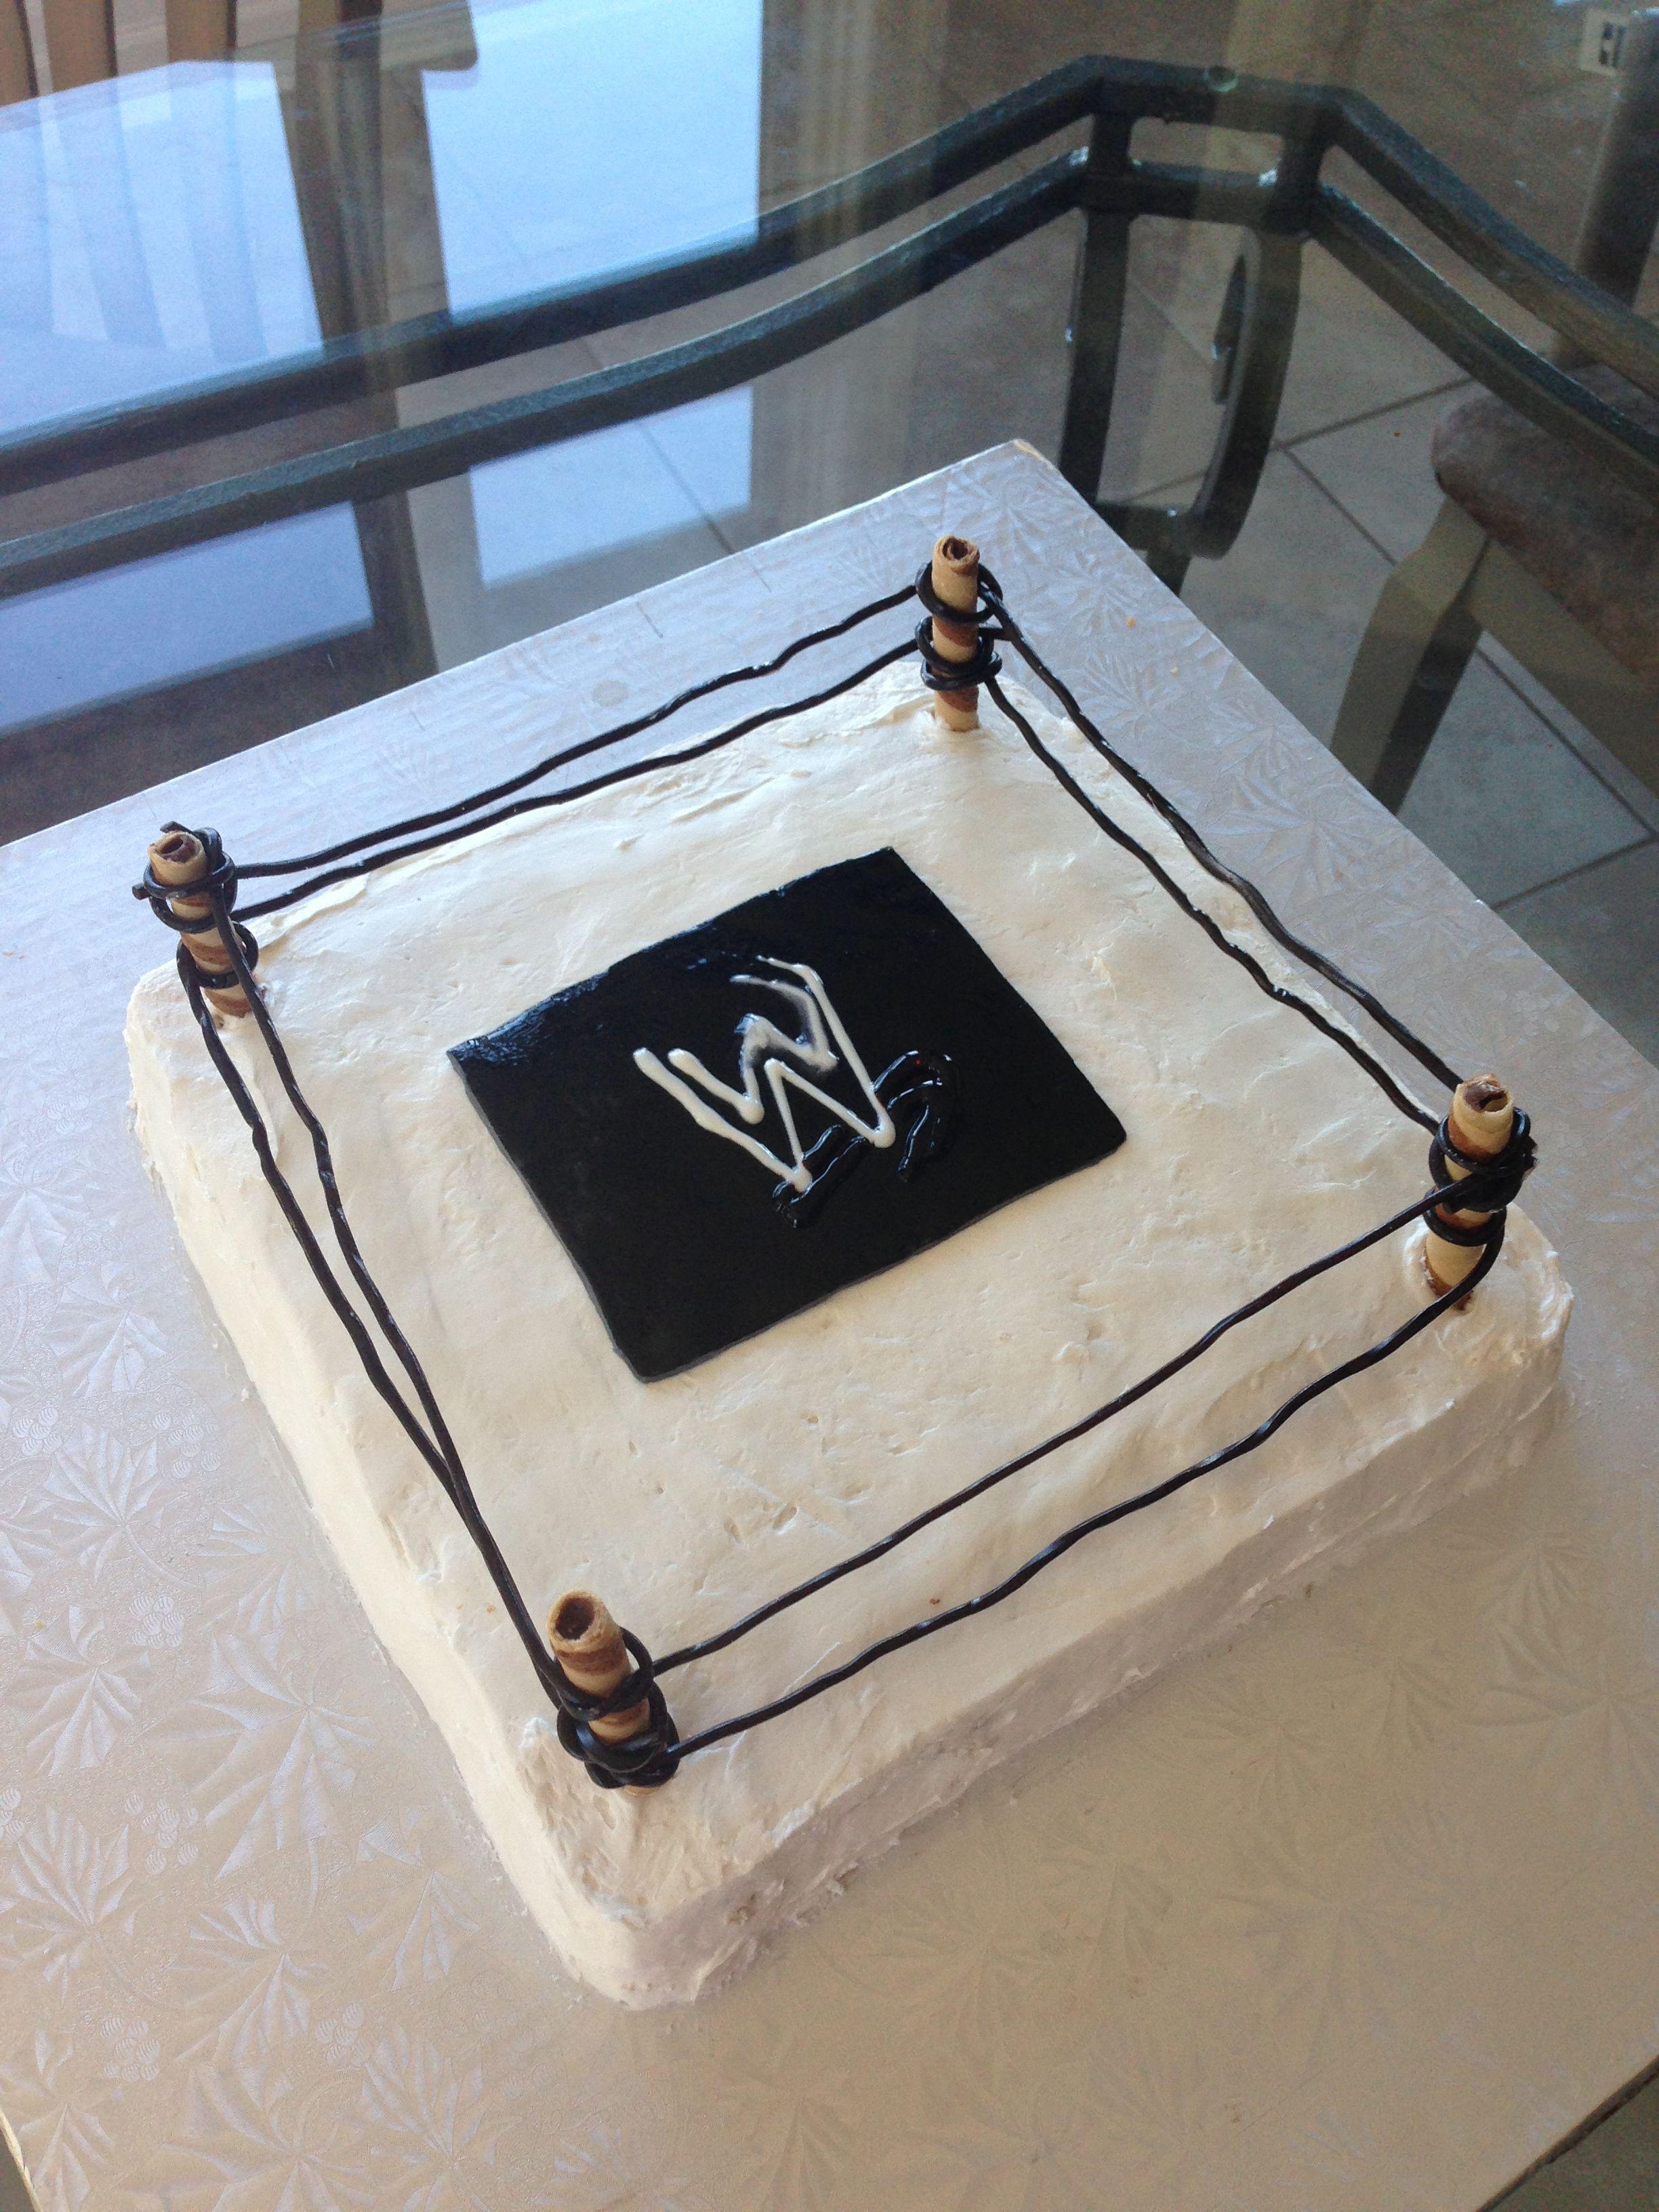 Wrestling Ring Cake - great fun for a WWE fan!